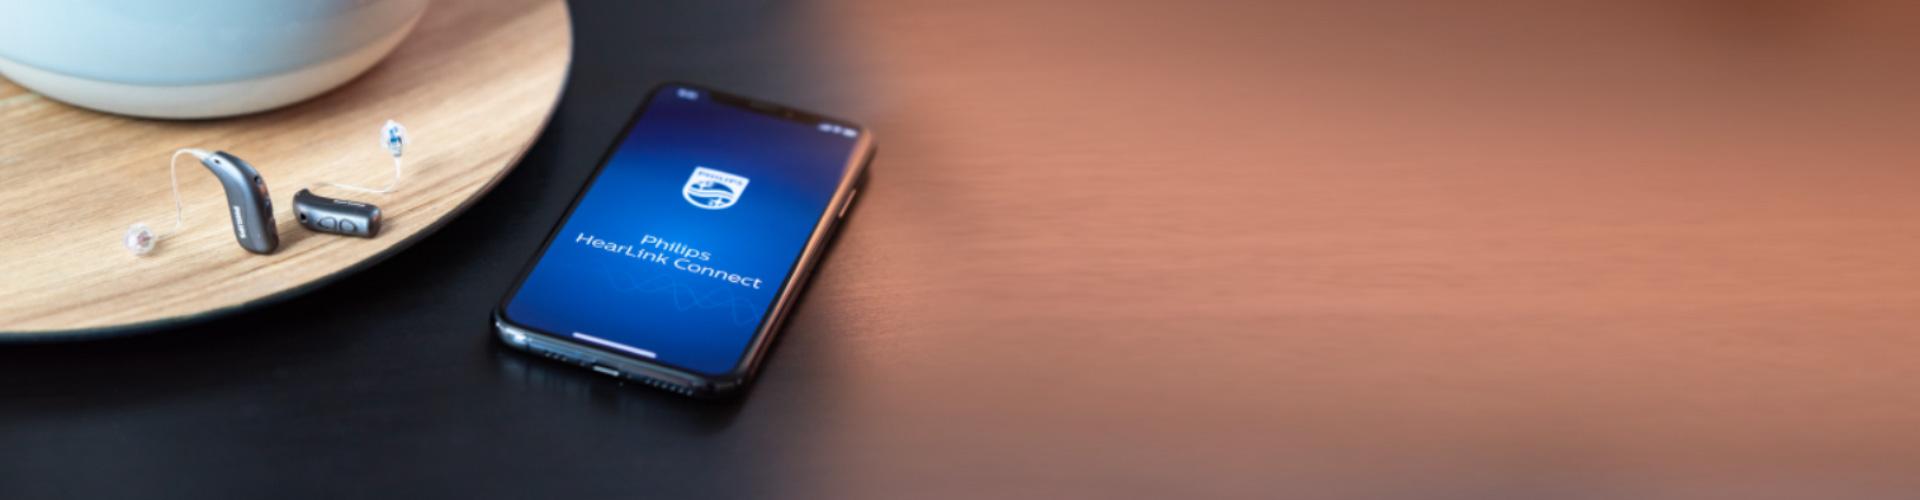 Philips HearLink Connect uygulaması açık olan bir akıllı telefonun yanında Philips HearLink işitme cihazları.